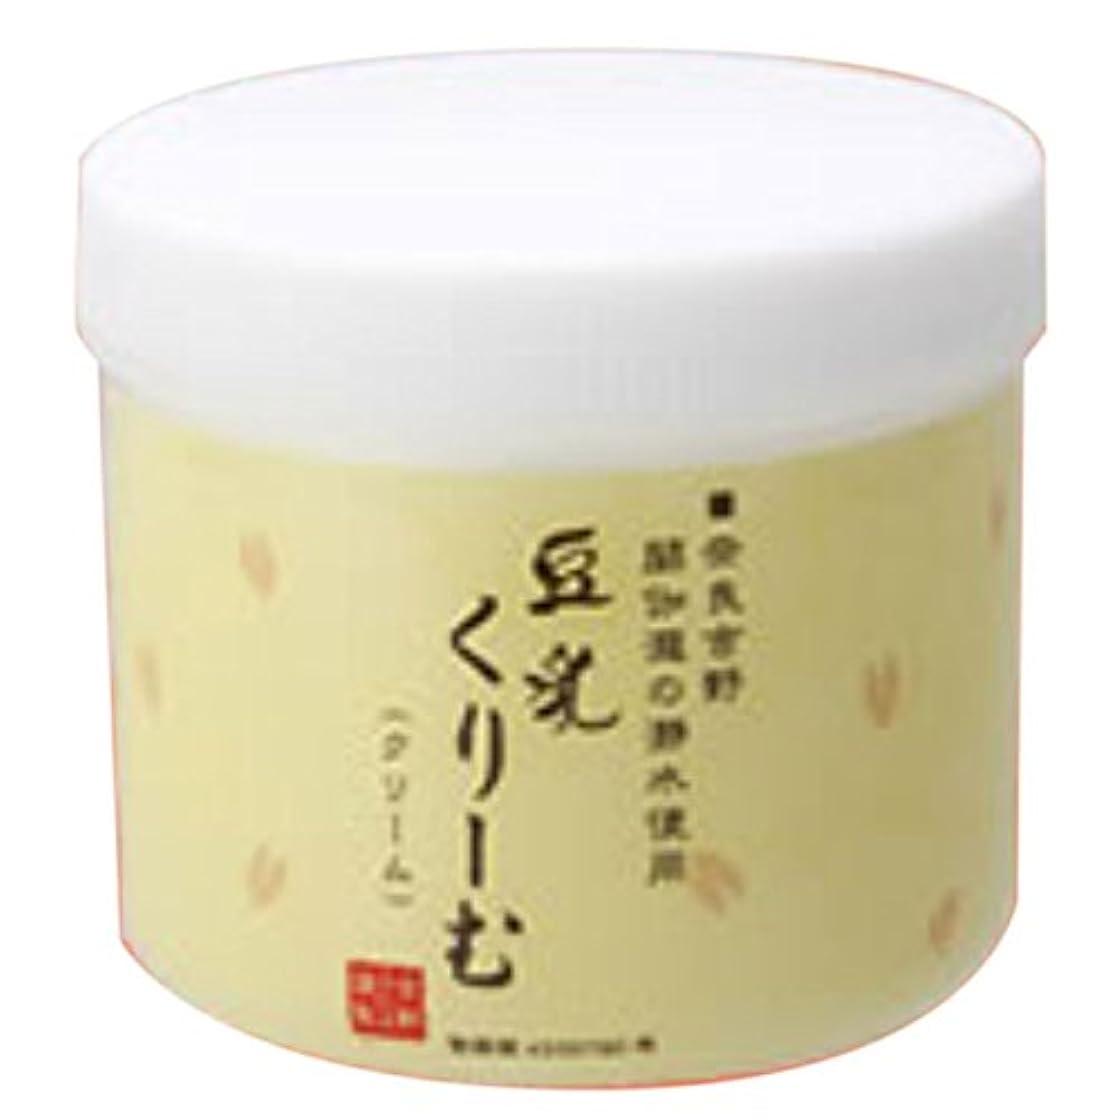 軽食リラックス元気吉野ふじや謹製 とうにゅうくりーむ (豆乳美容クリーム) 3個セット